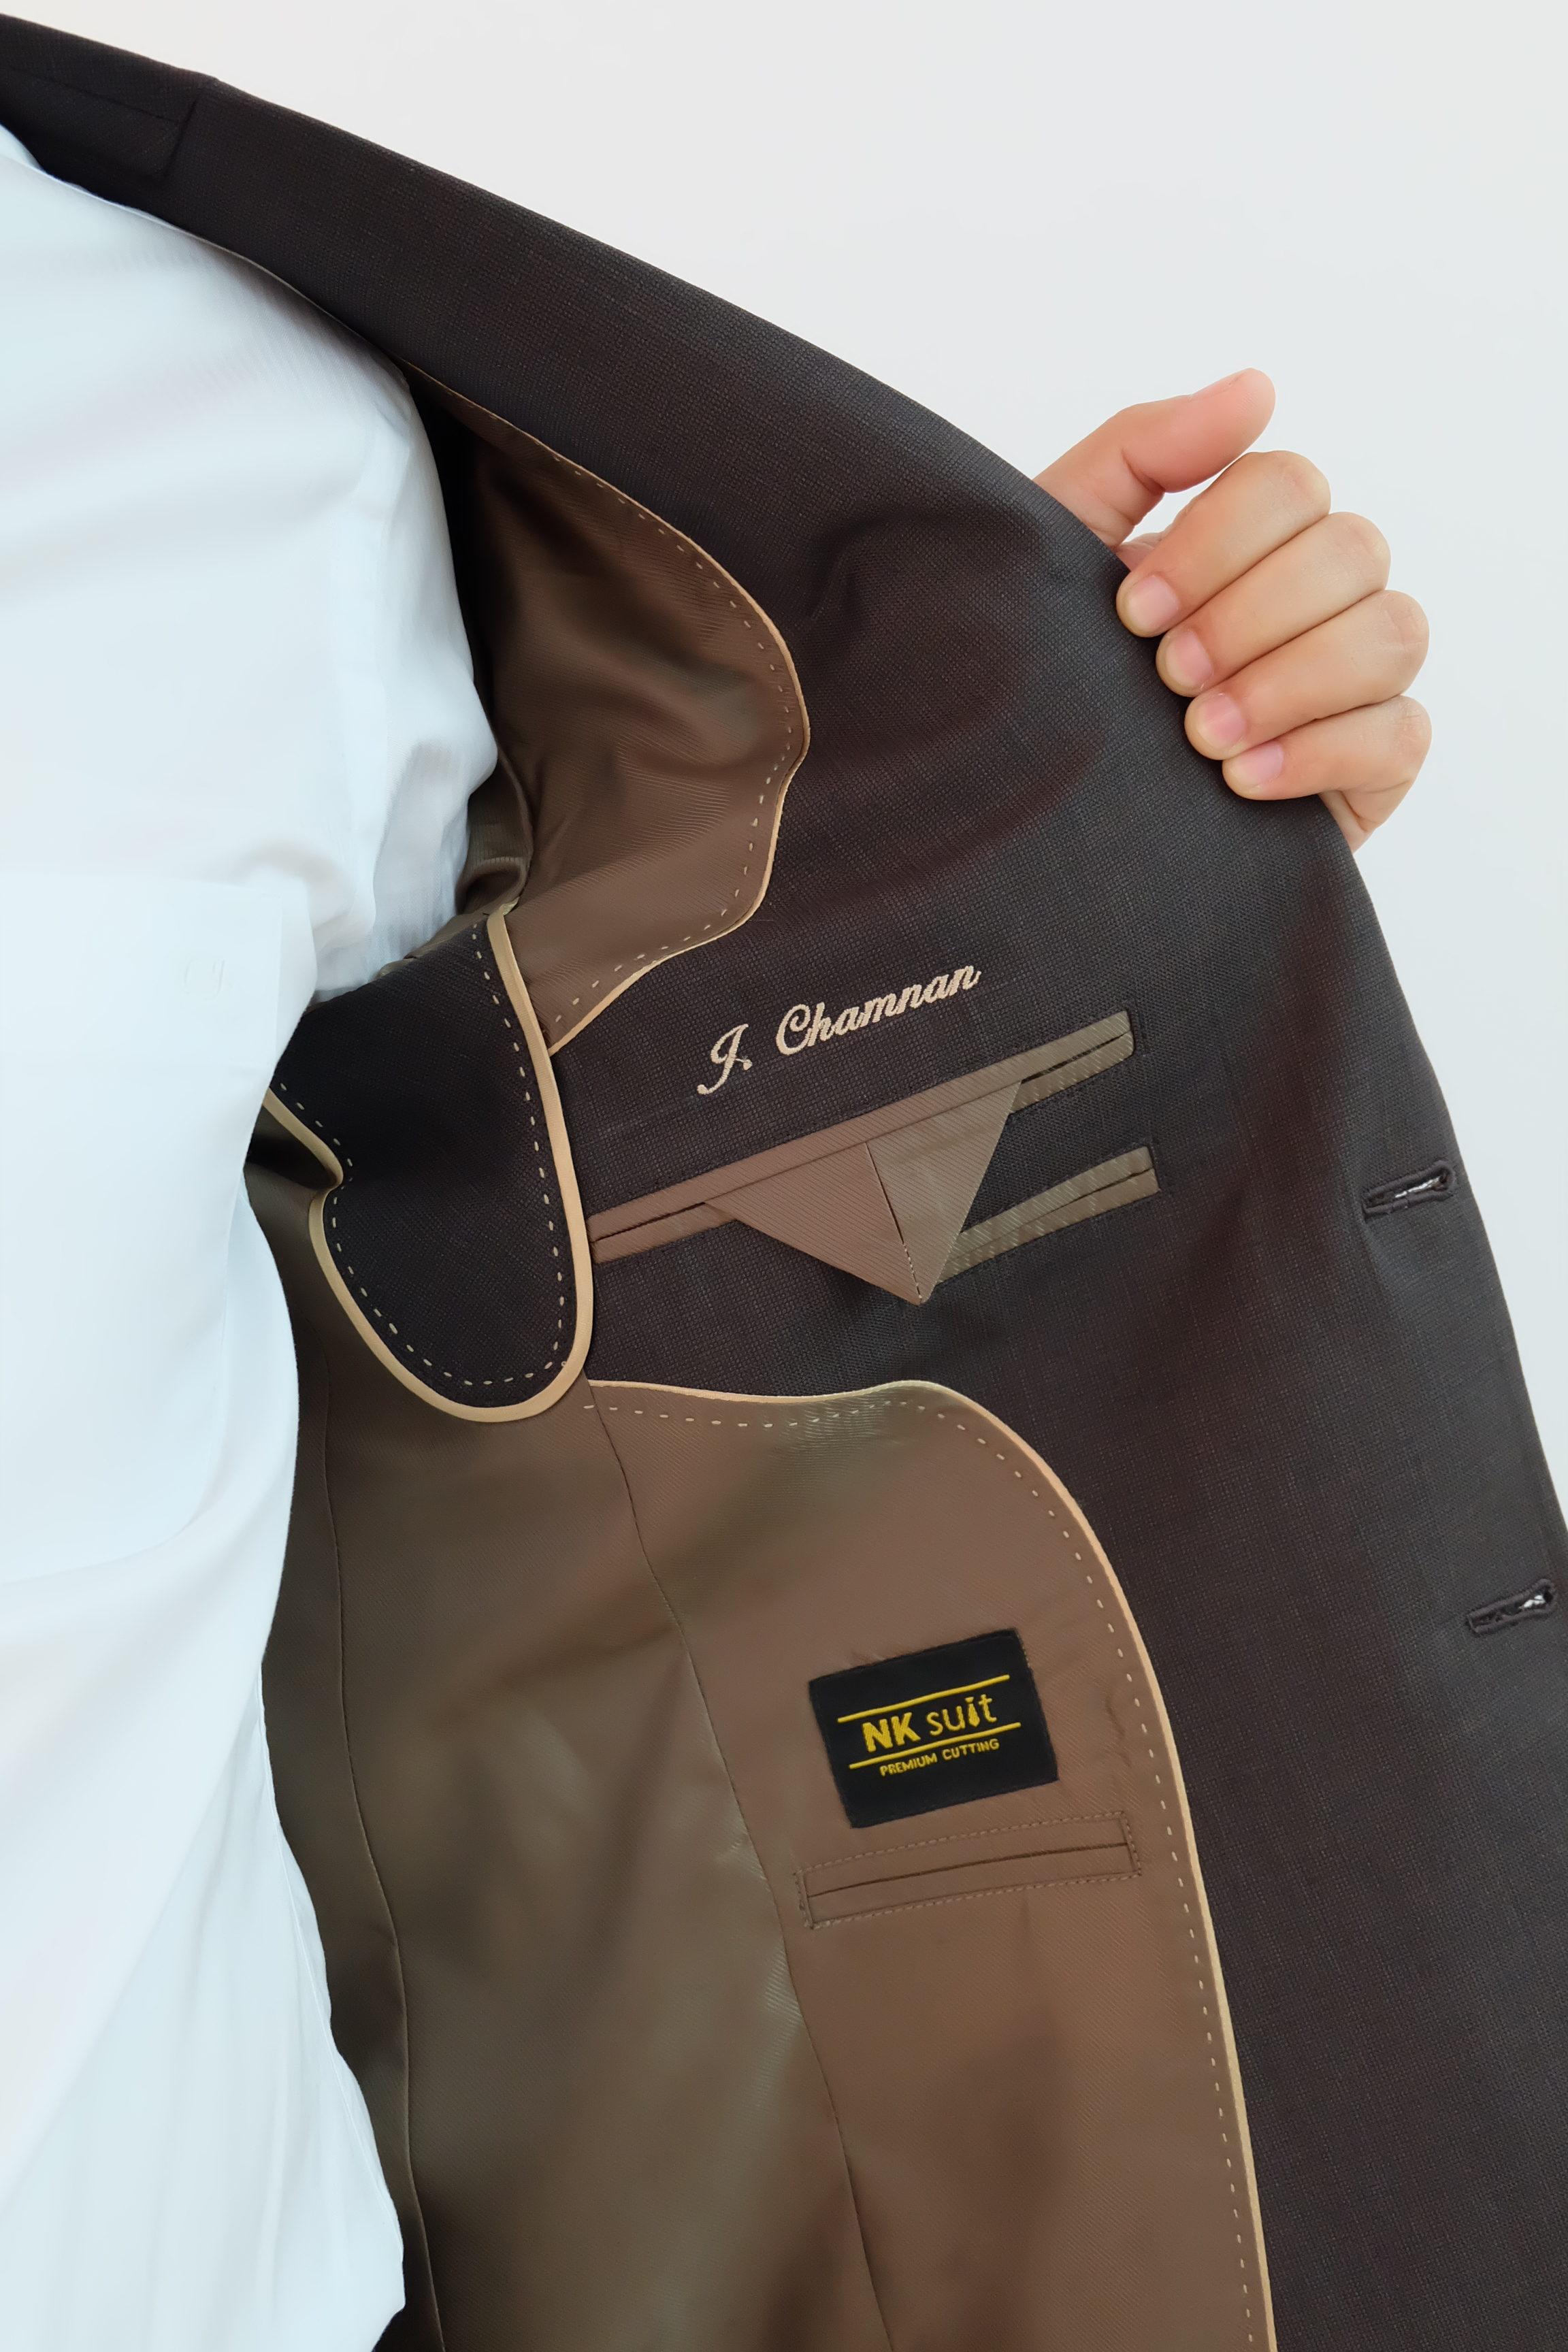 Display Premium Cutting Suit